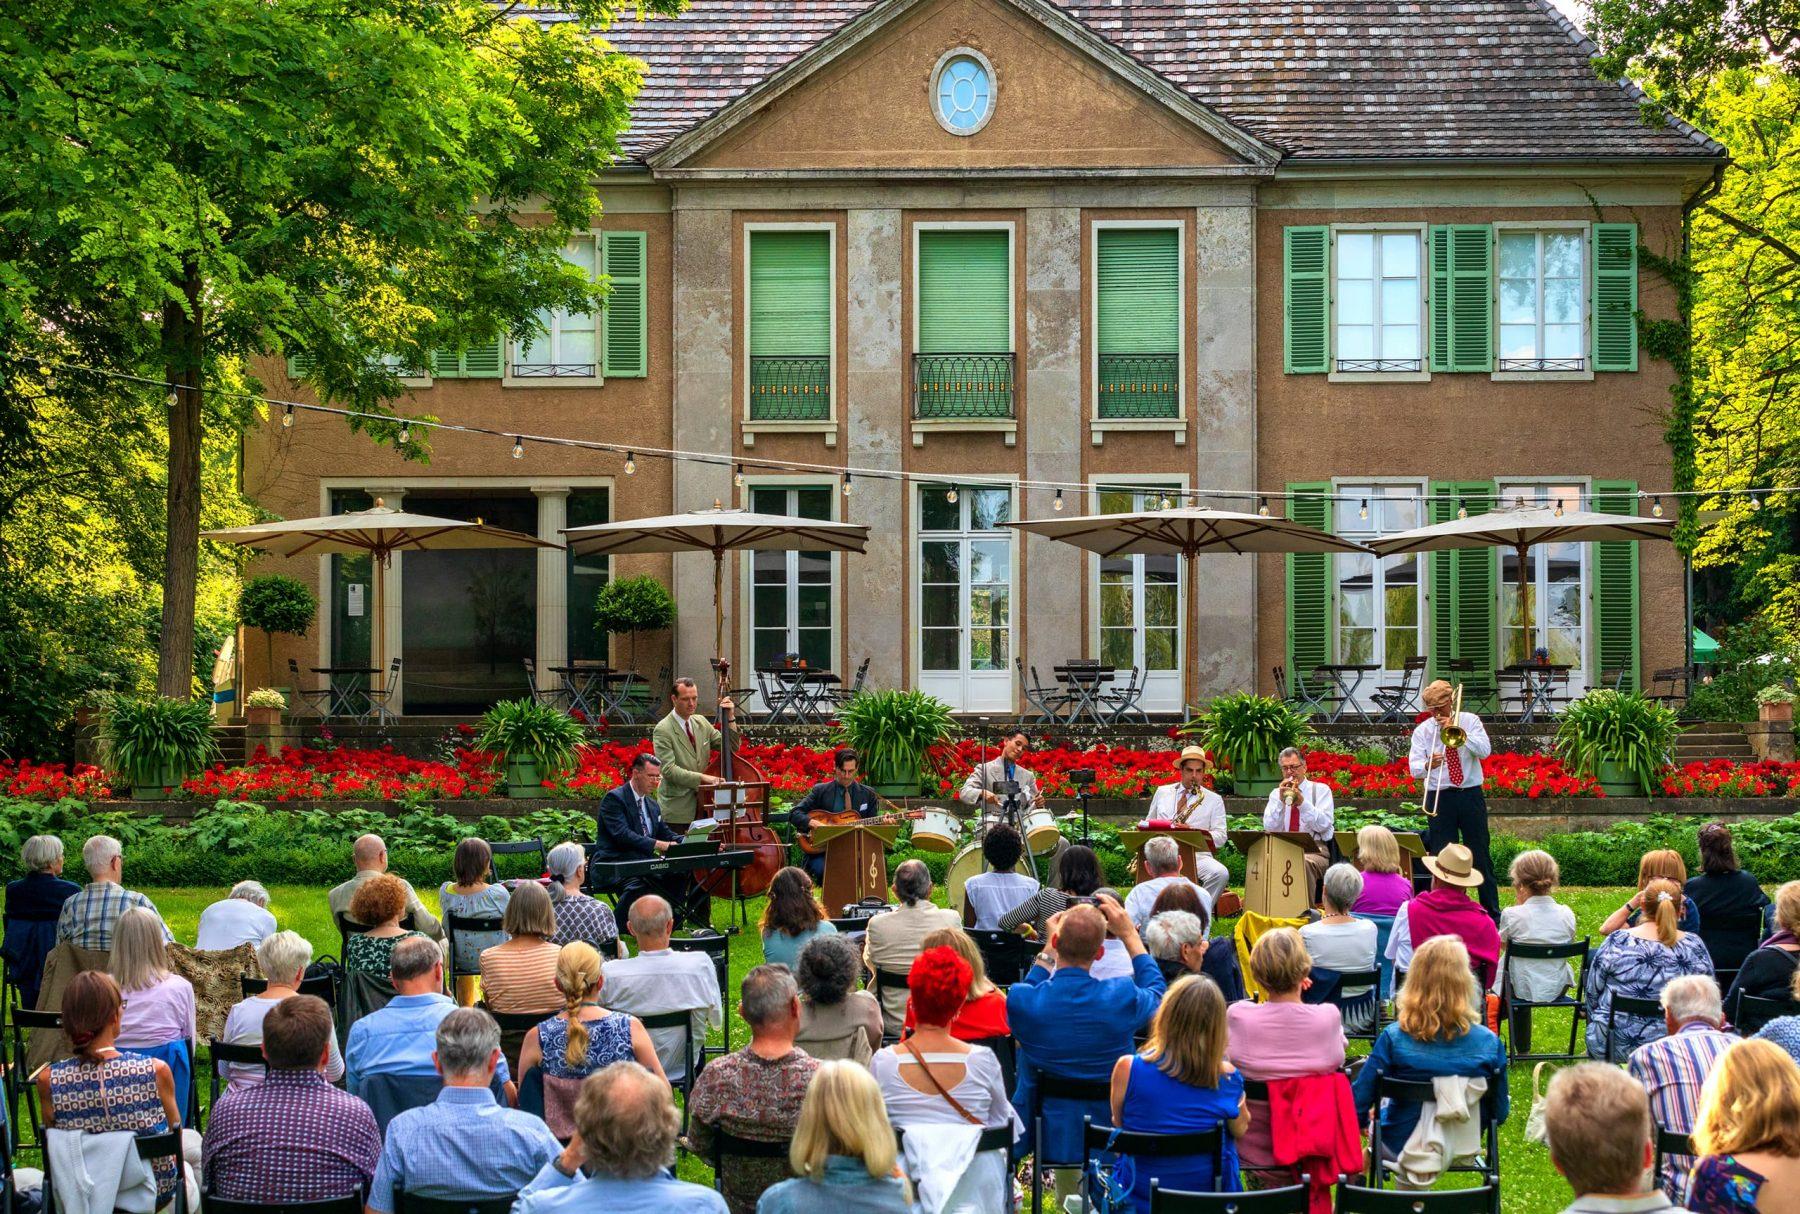 Eine große Gruppe Personen sitzt mit dem Rücken zur Kamera im Garten der Liebermann-Villa und schaut in Richtung der seeseitigen Fassade und den spielenden Musikern.